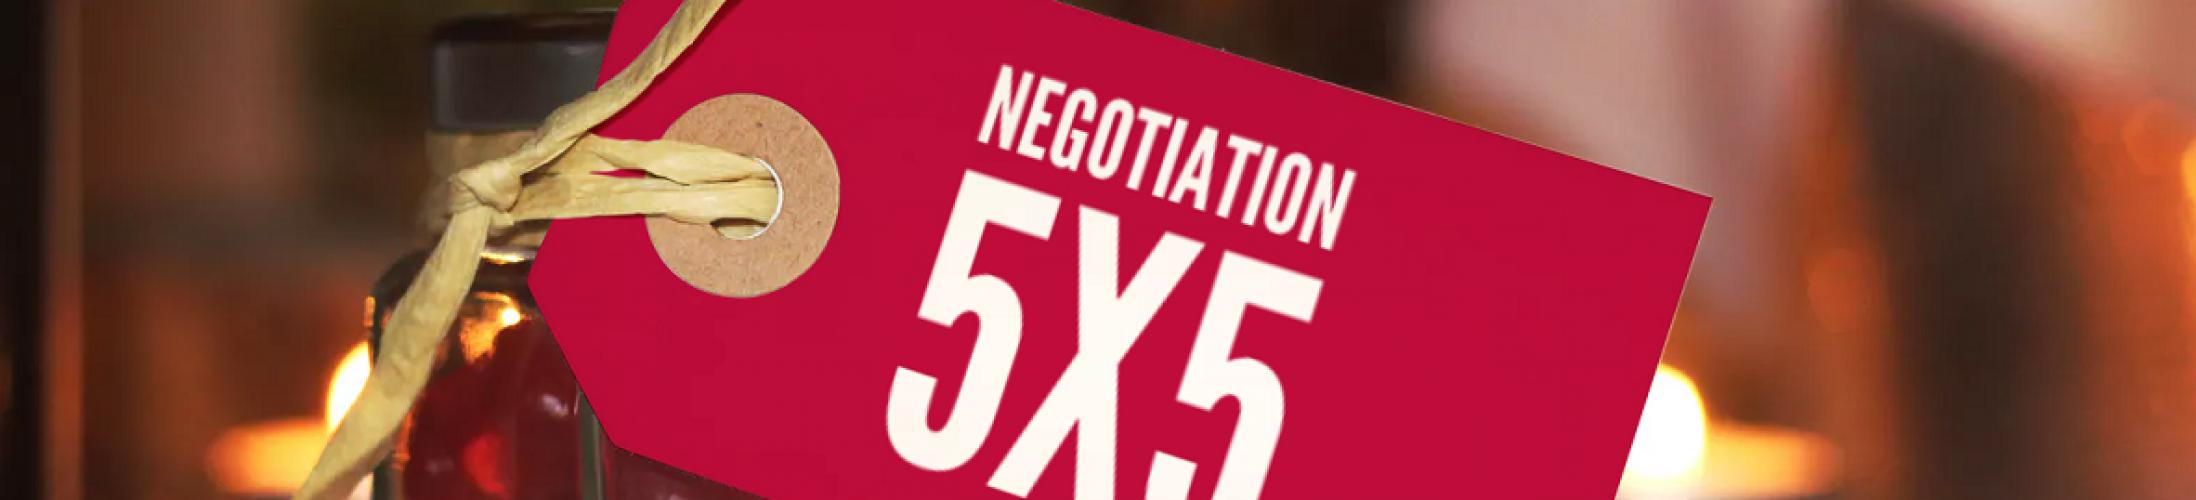 ¿Para qué marearme en negociar si el precioes el justo?